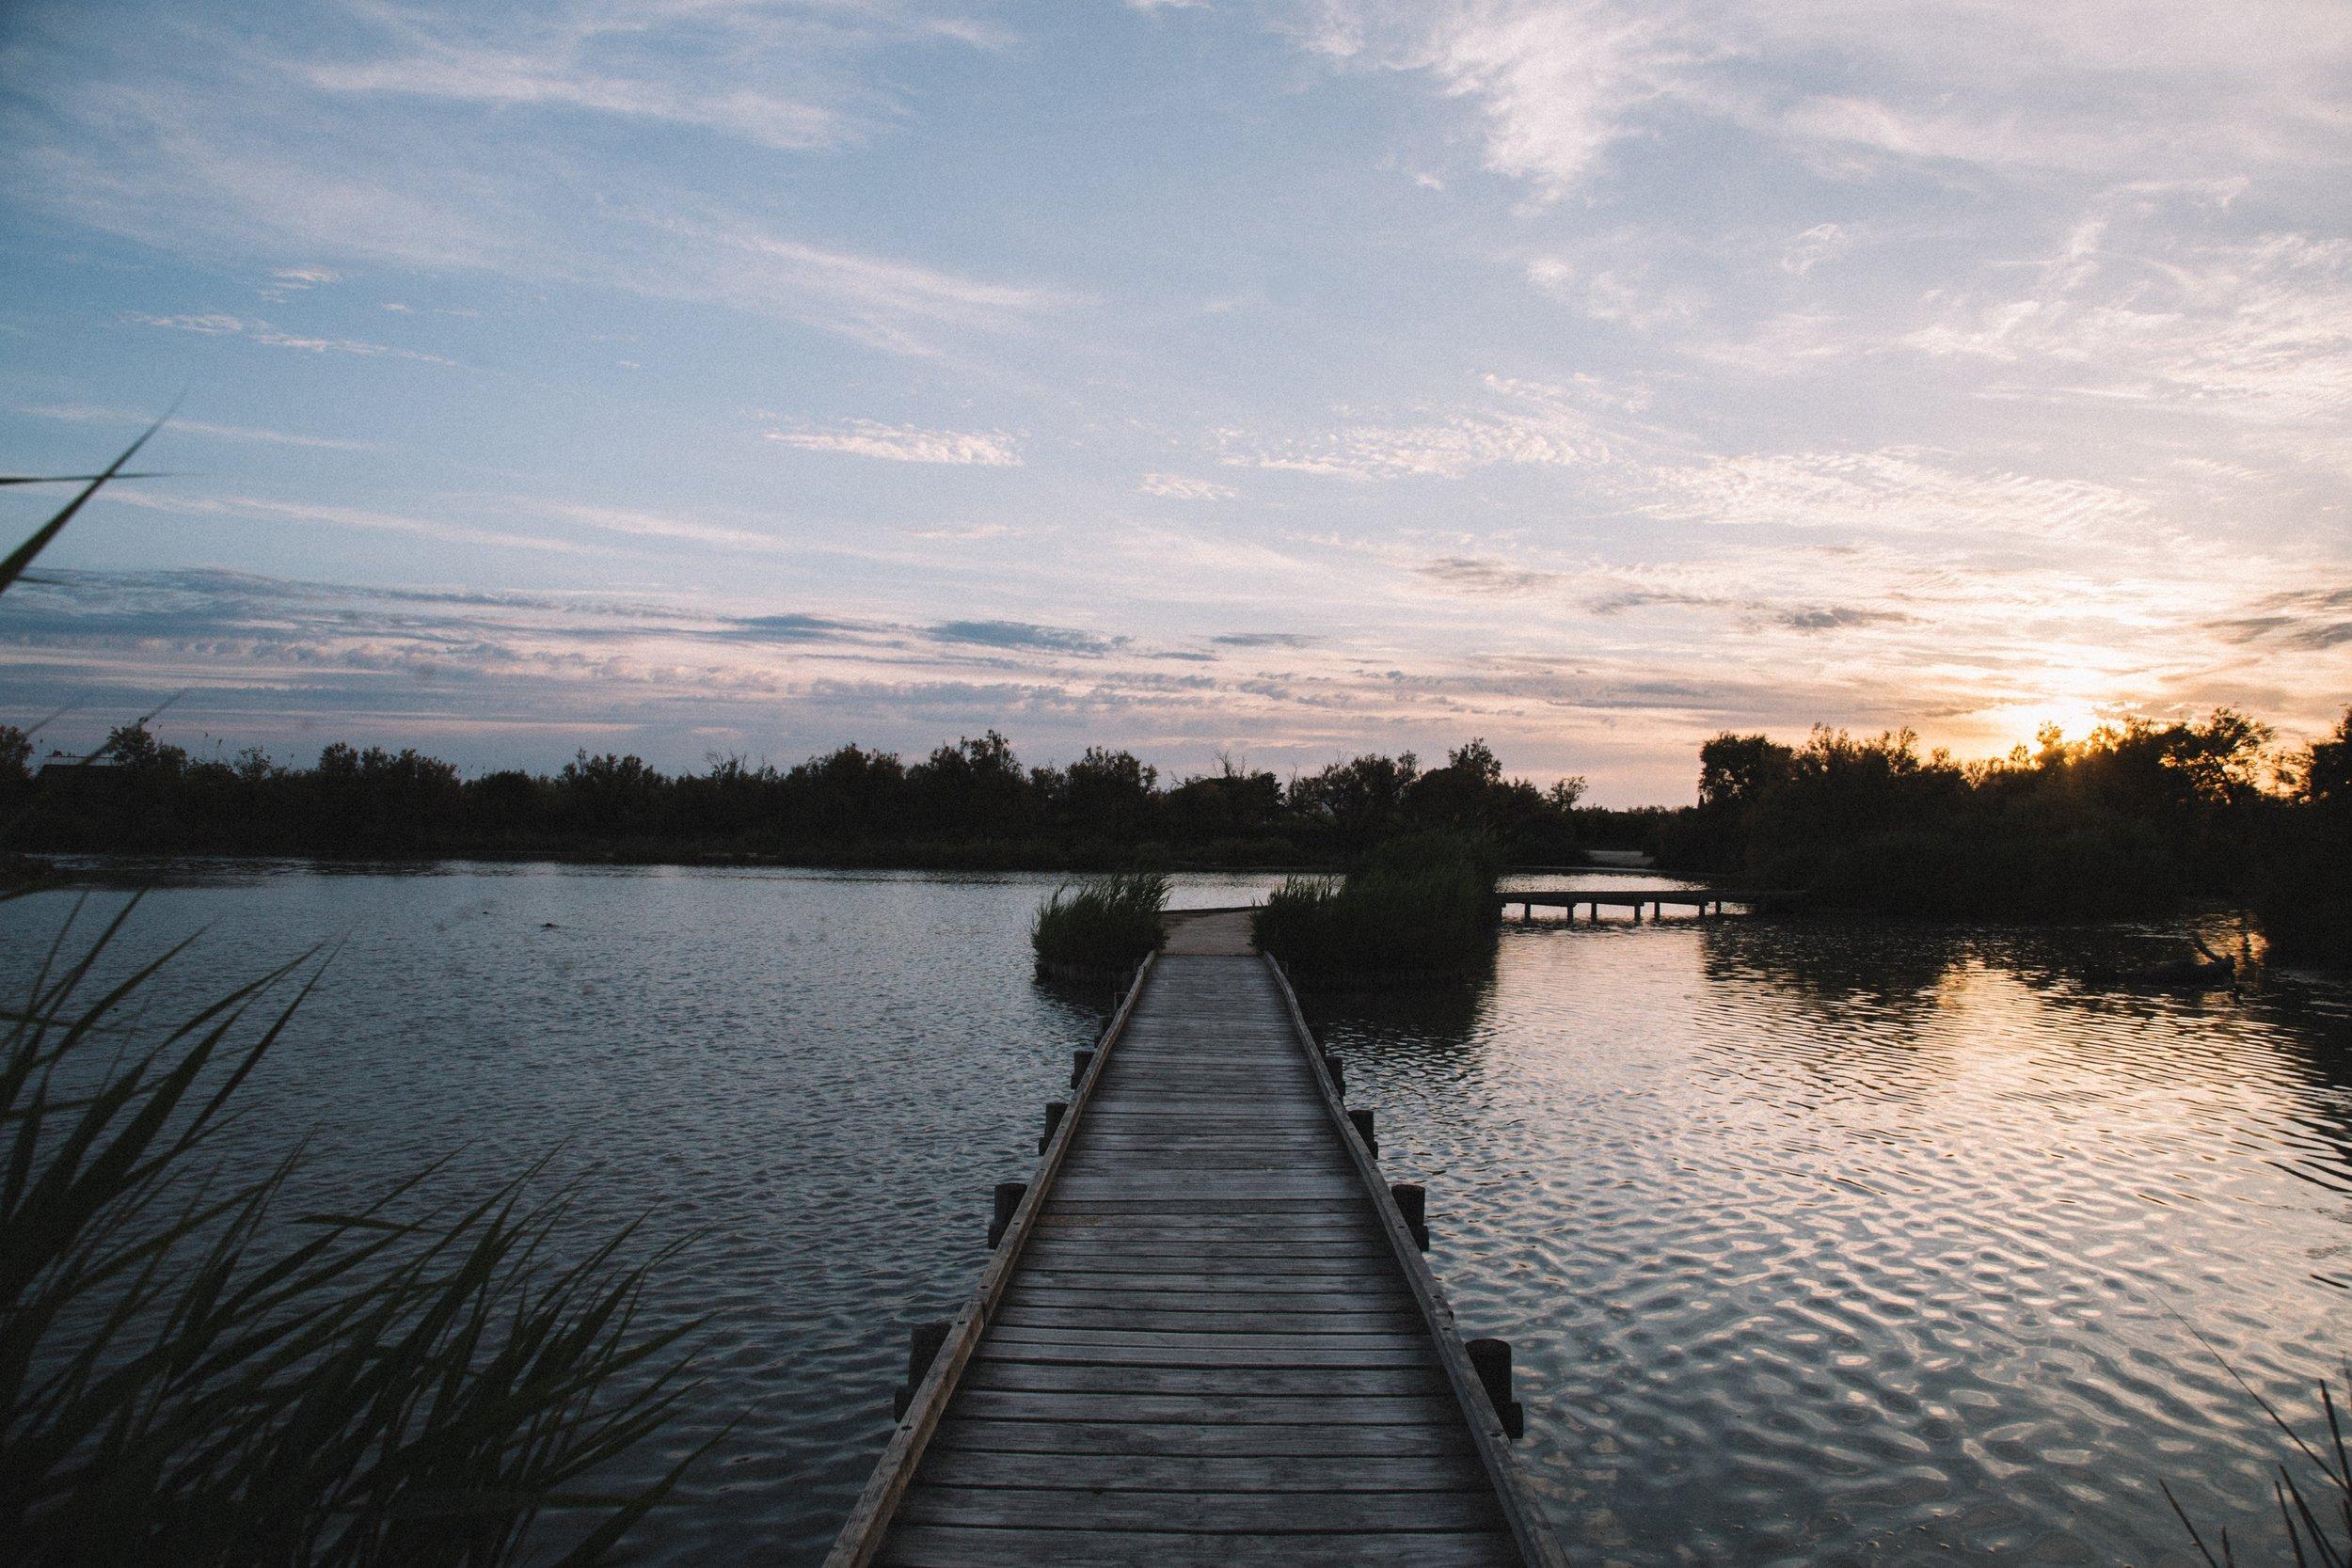 Pont-de-gau-parc-ornithologique-coucher-soleil-flamants-.jpg